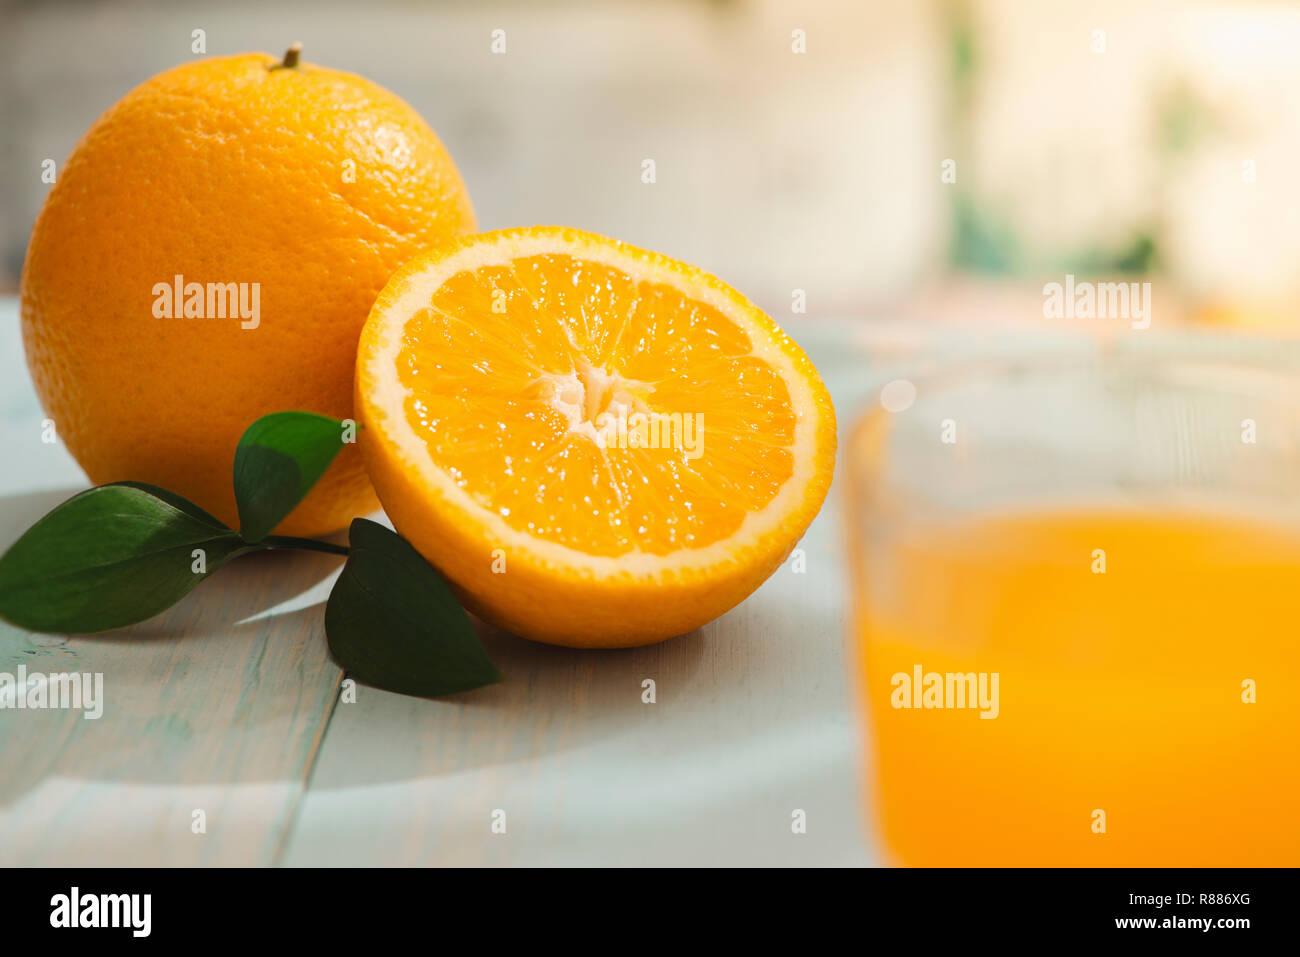 Oranges isolated cut set on wooden base - Stock Image